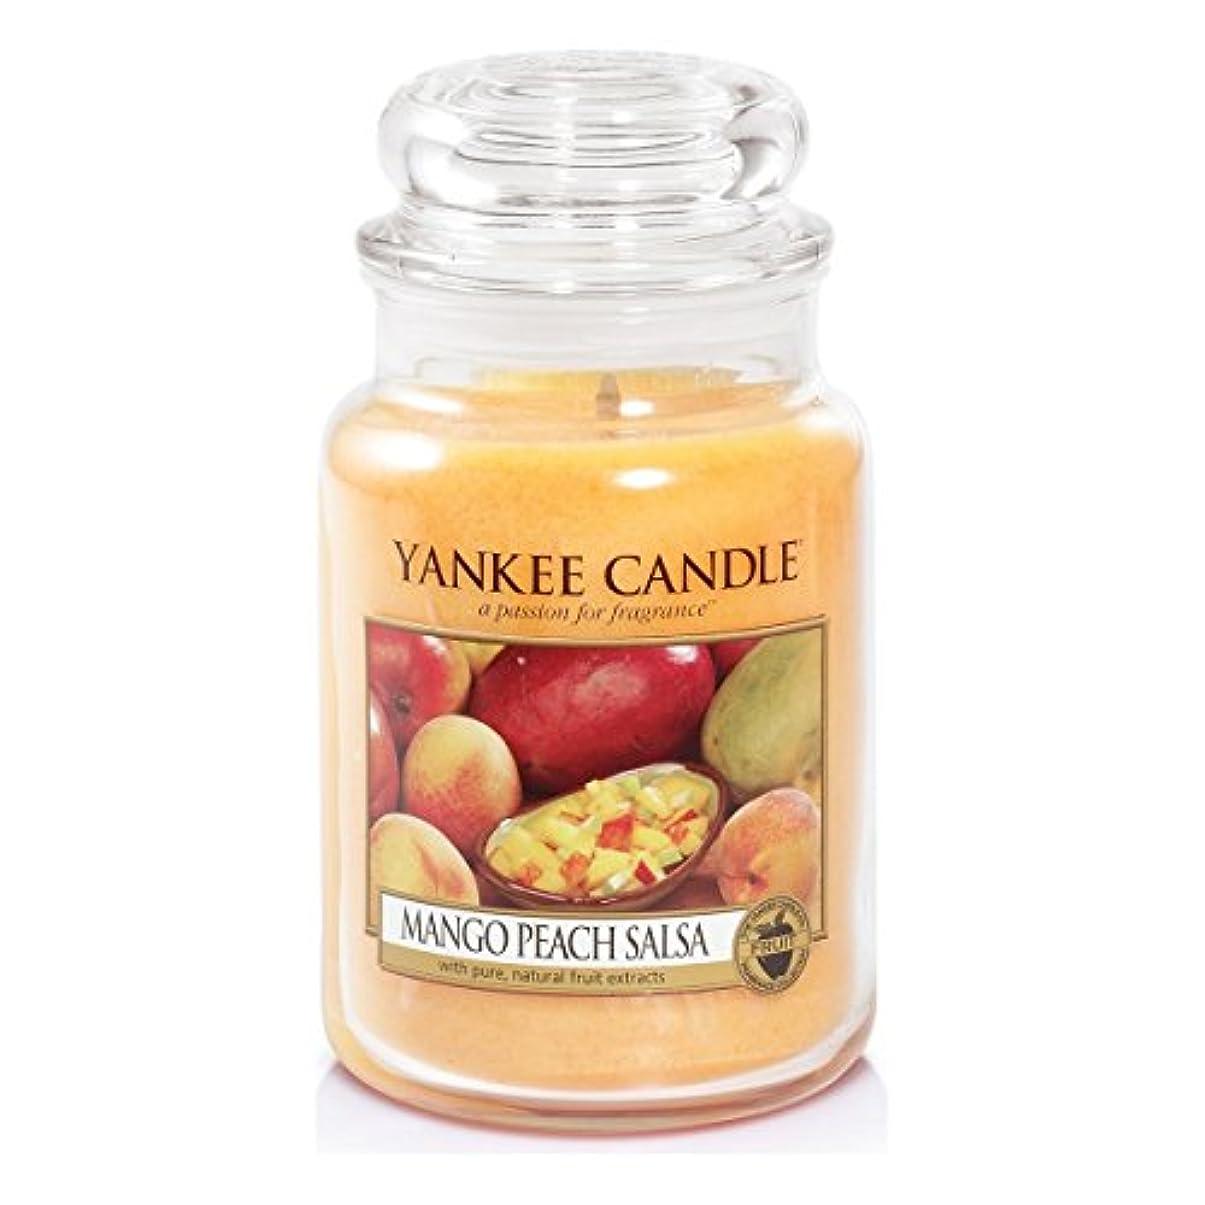 証明算術パフYankee Candle Large Jar Candle, Mango Peach Salsa by Yankee Candle